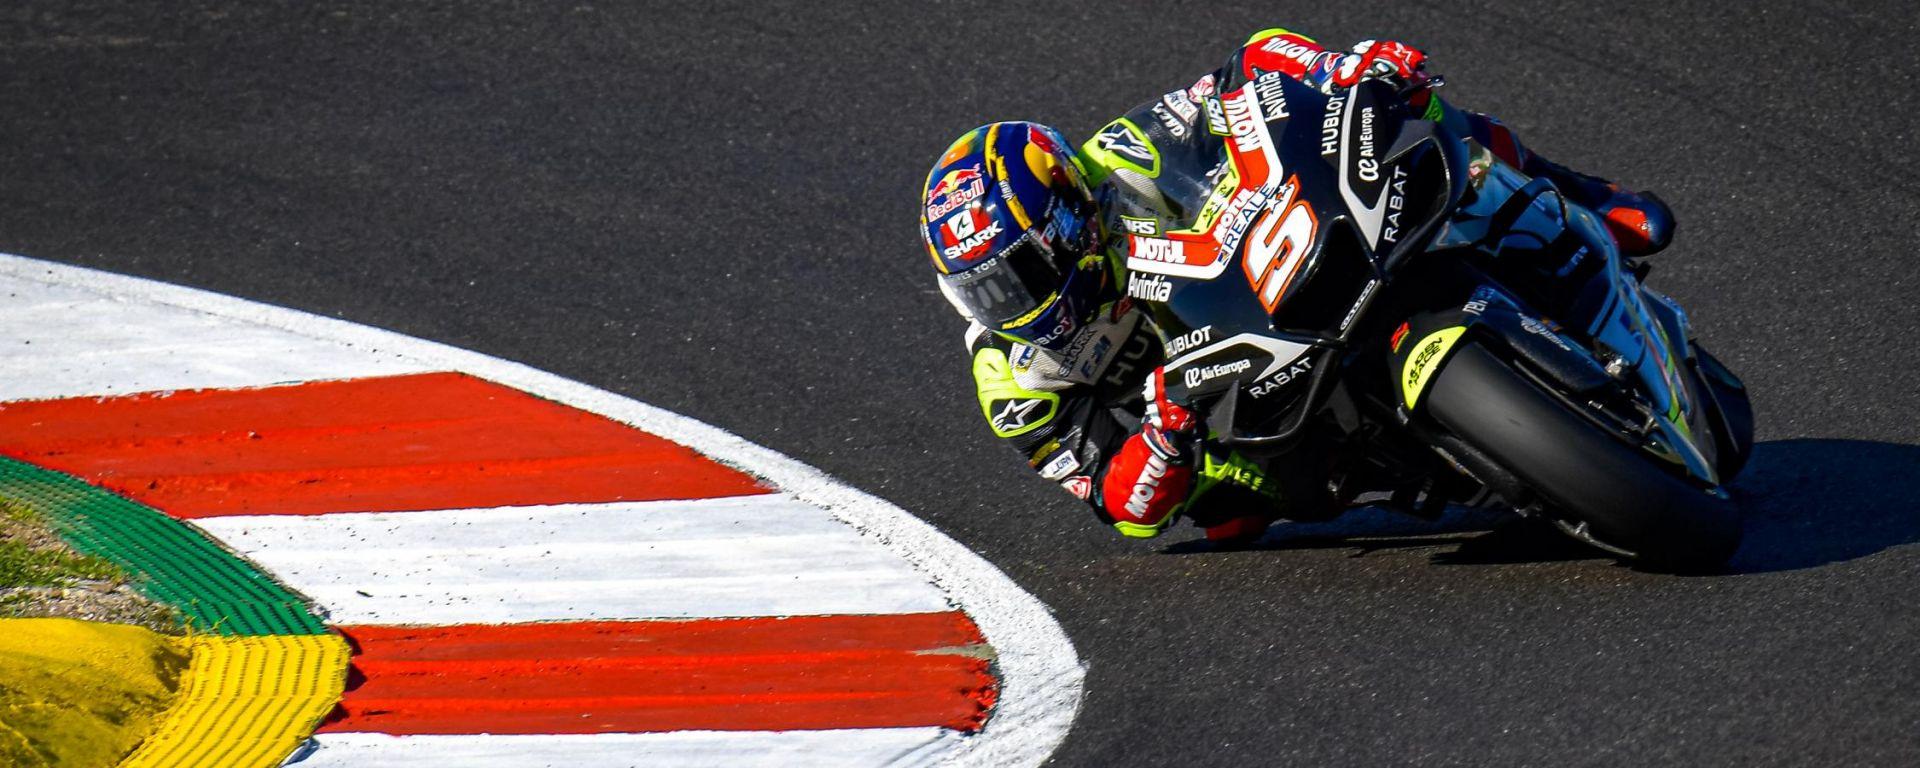 Johann Zarco (Ducati)